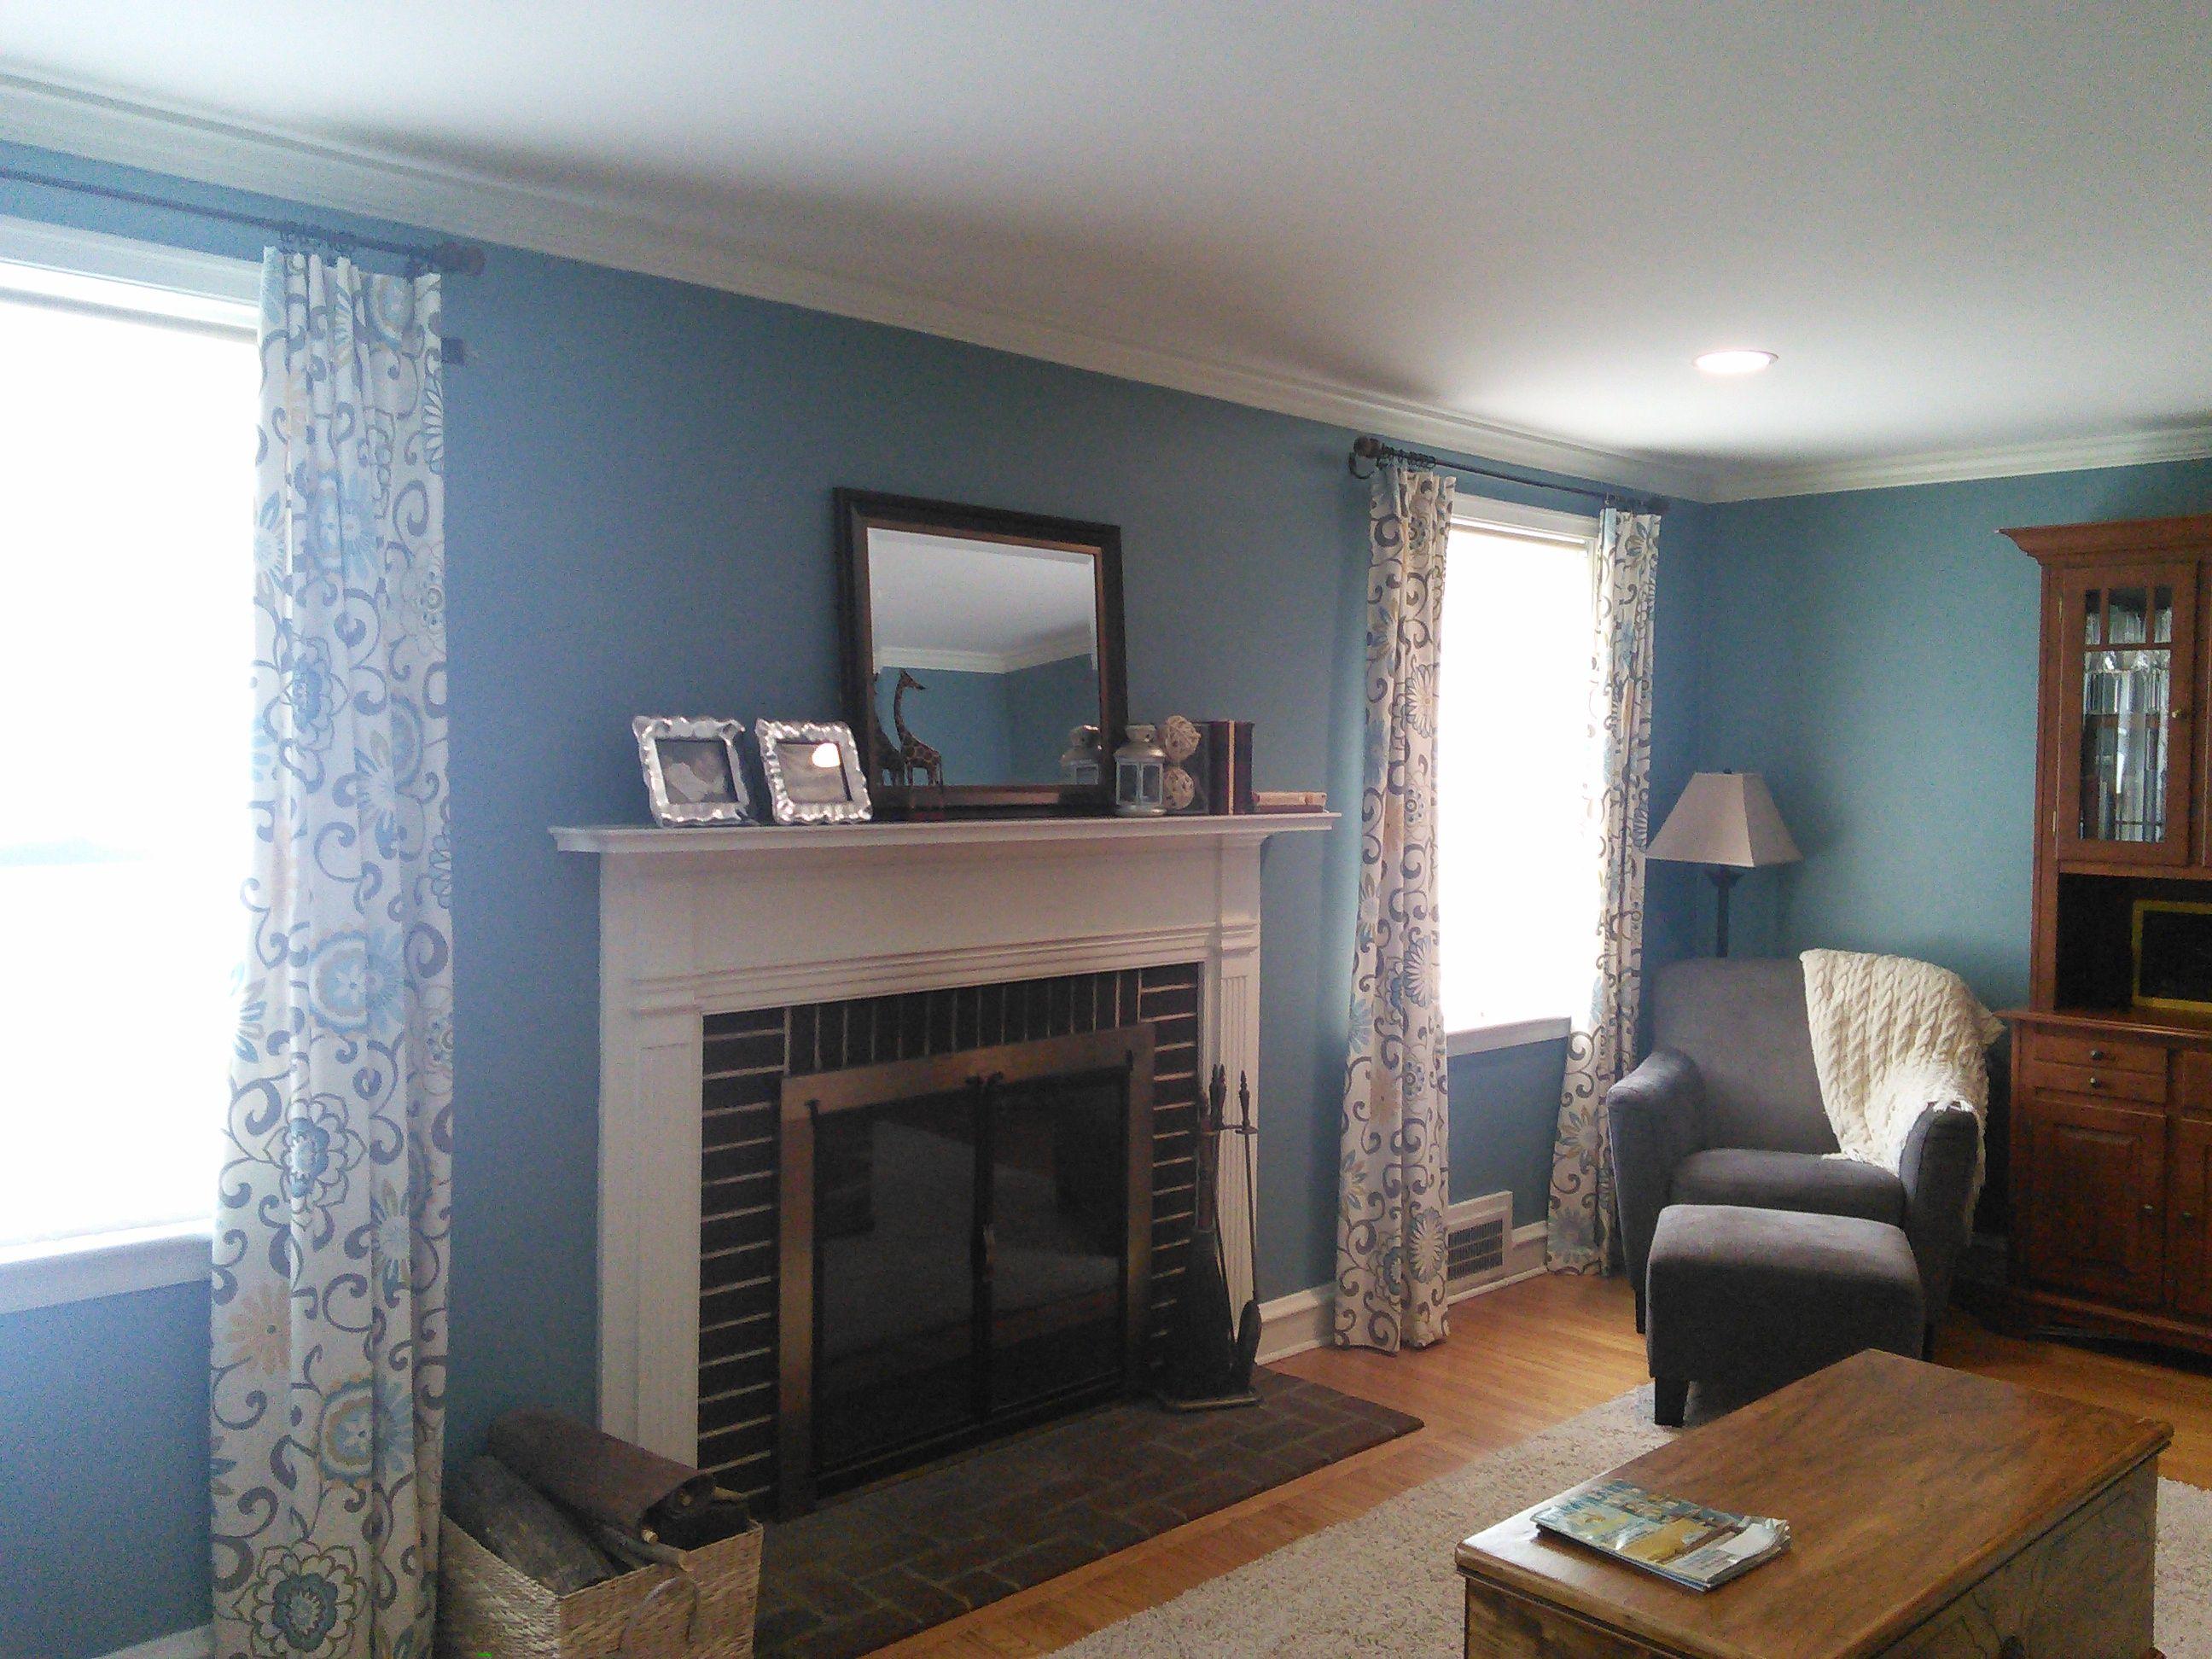 Sherwin Williams Tranquil Aqua 7611 Home Home Decor